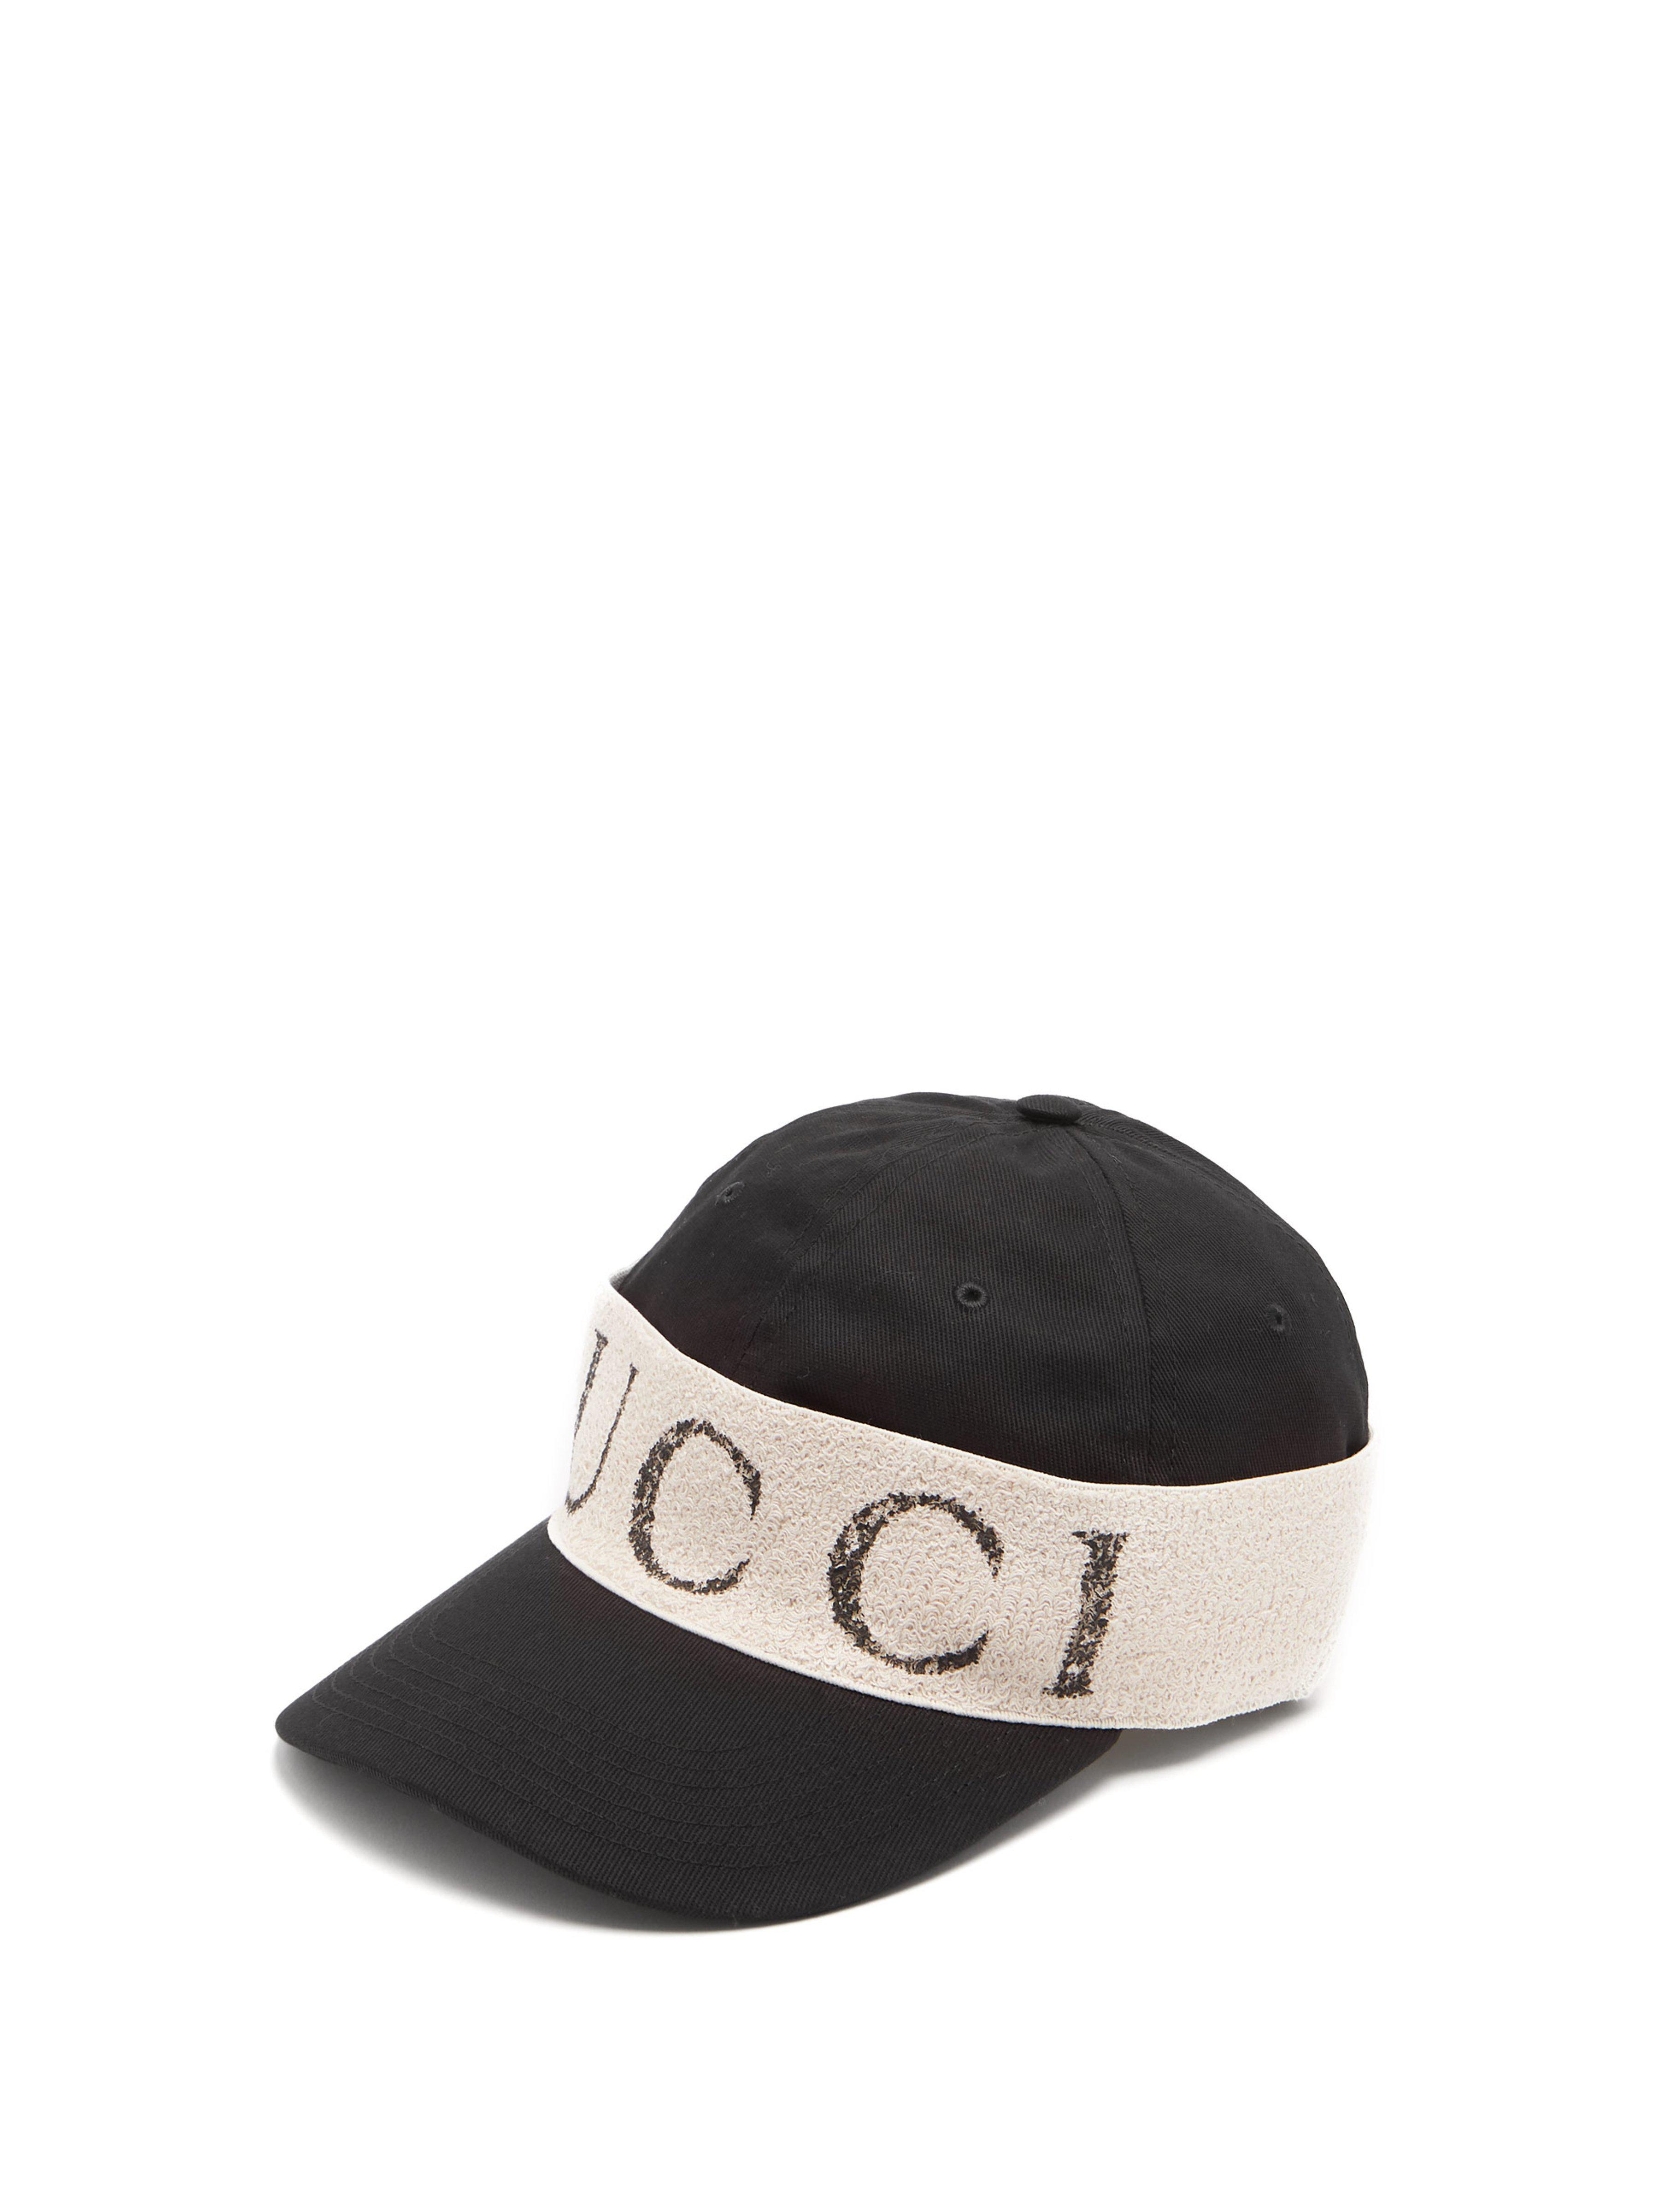 e1742fb68e8 Gucci Logo Print Cotton Cap in Black for Men - Lyst